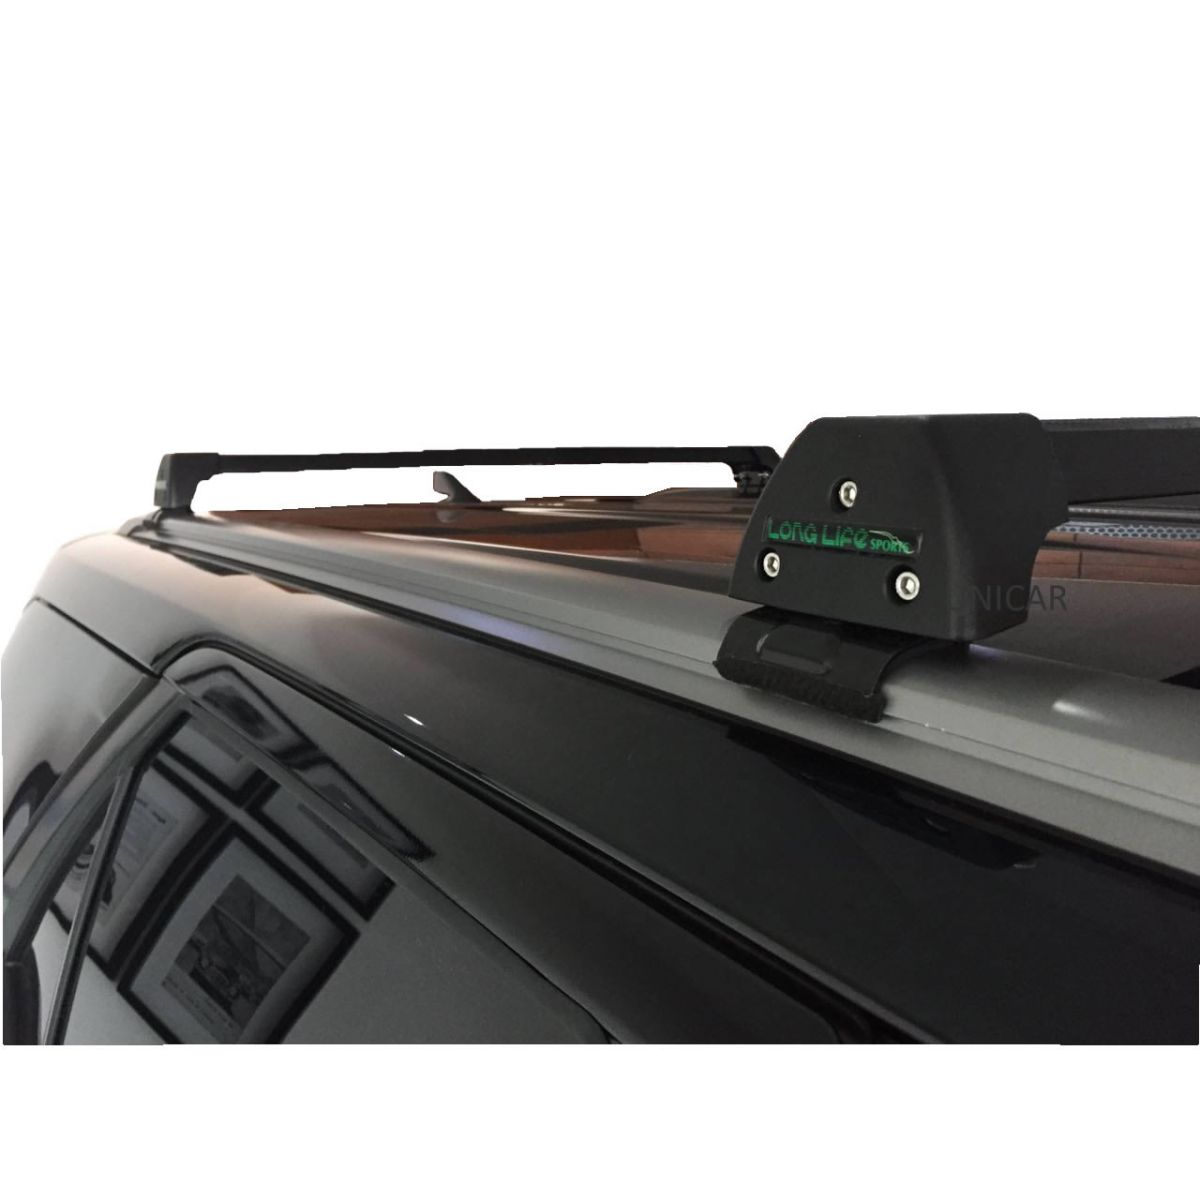 Rack Teto Bagageiro Hilux Sw4 2016 Em diante (Com Longarina de teto) Longlife Modelo Aluminio  - Unicar